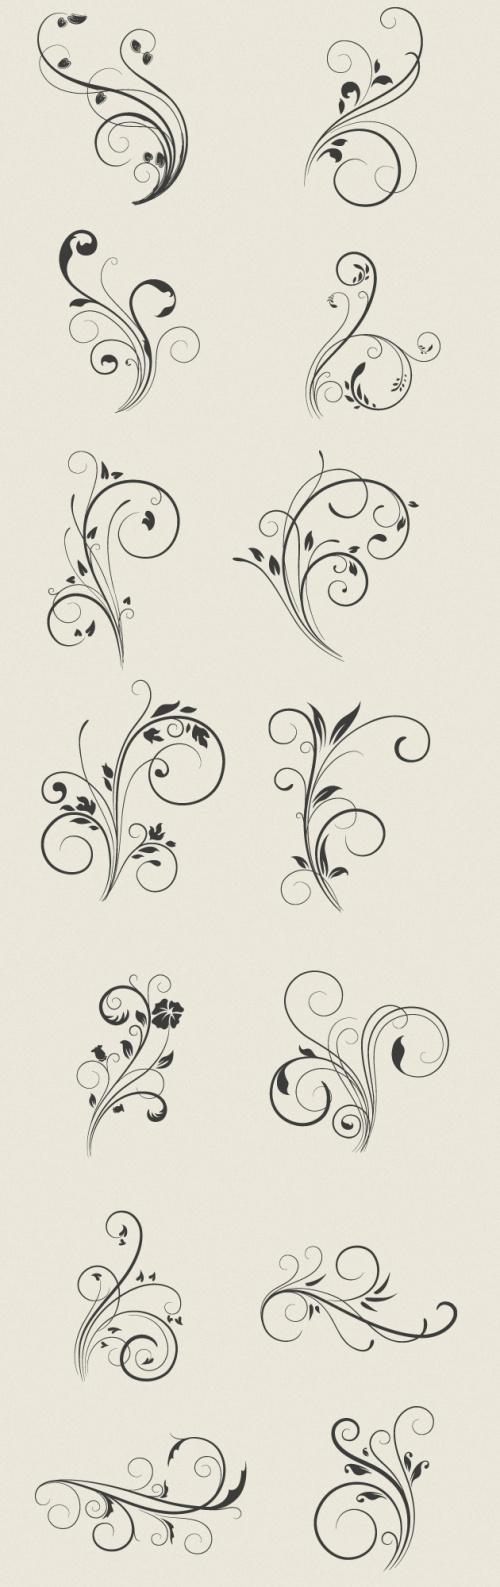 Designtnt - Vector Floral Swirls